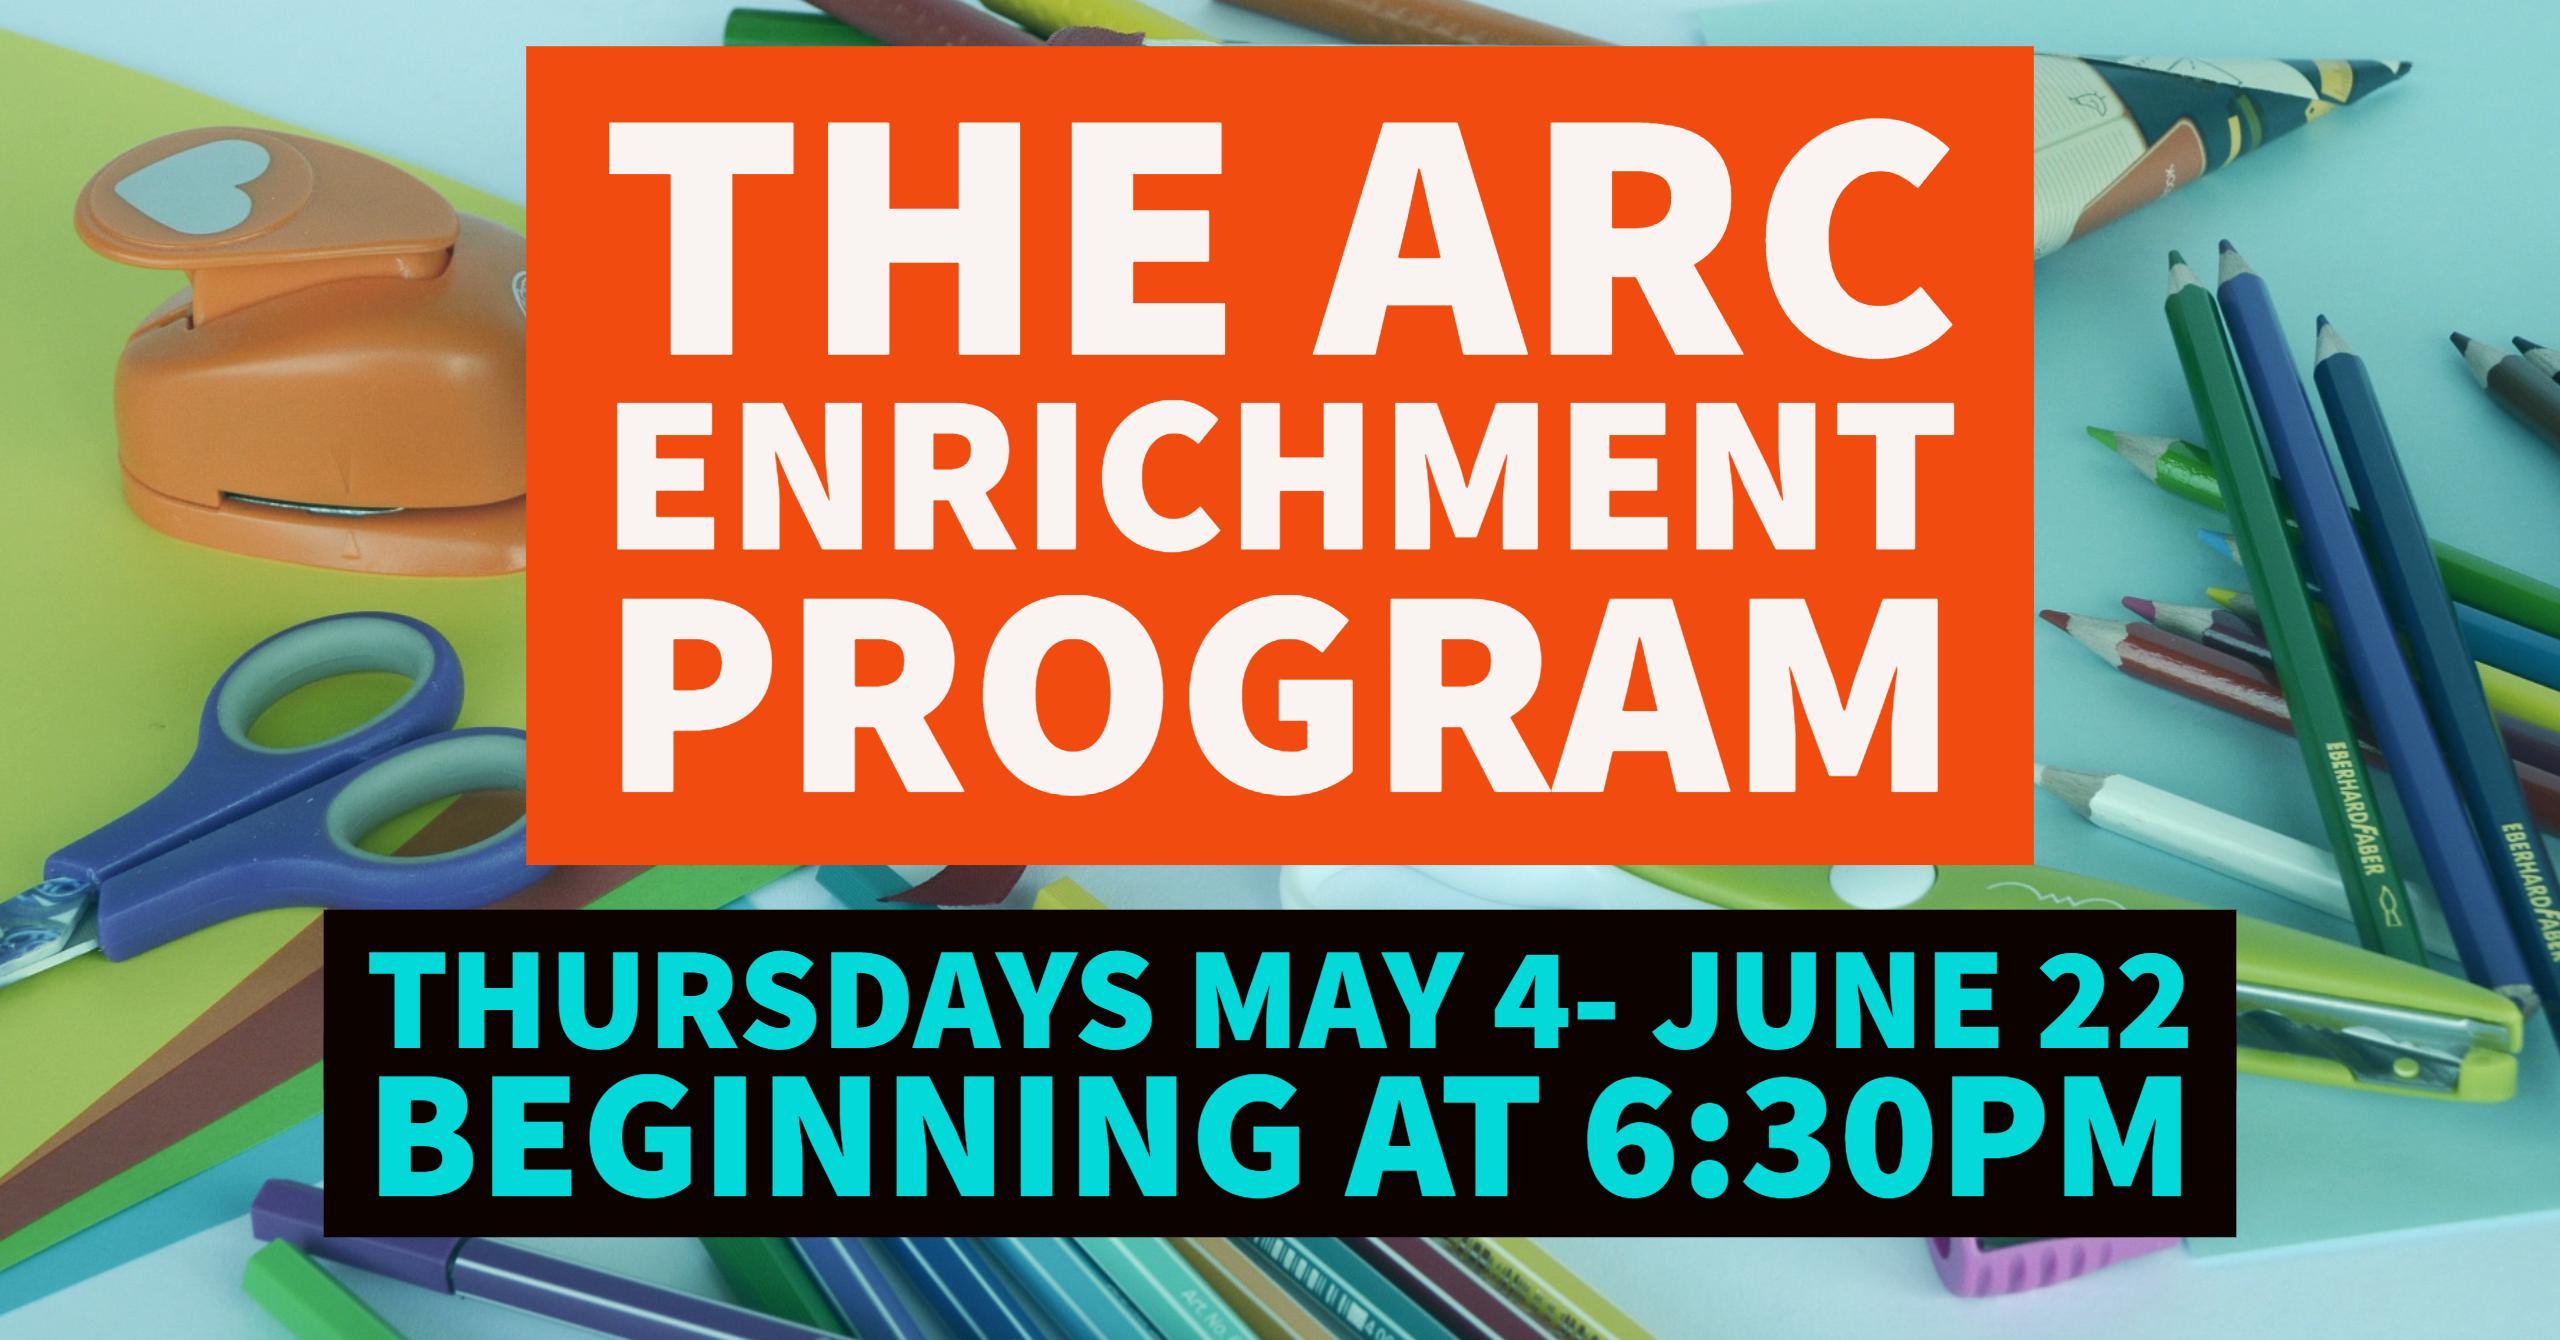 The Arc Enrichment Program